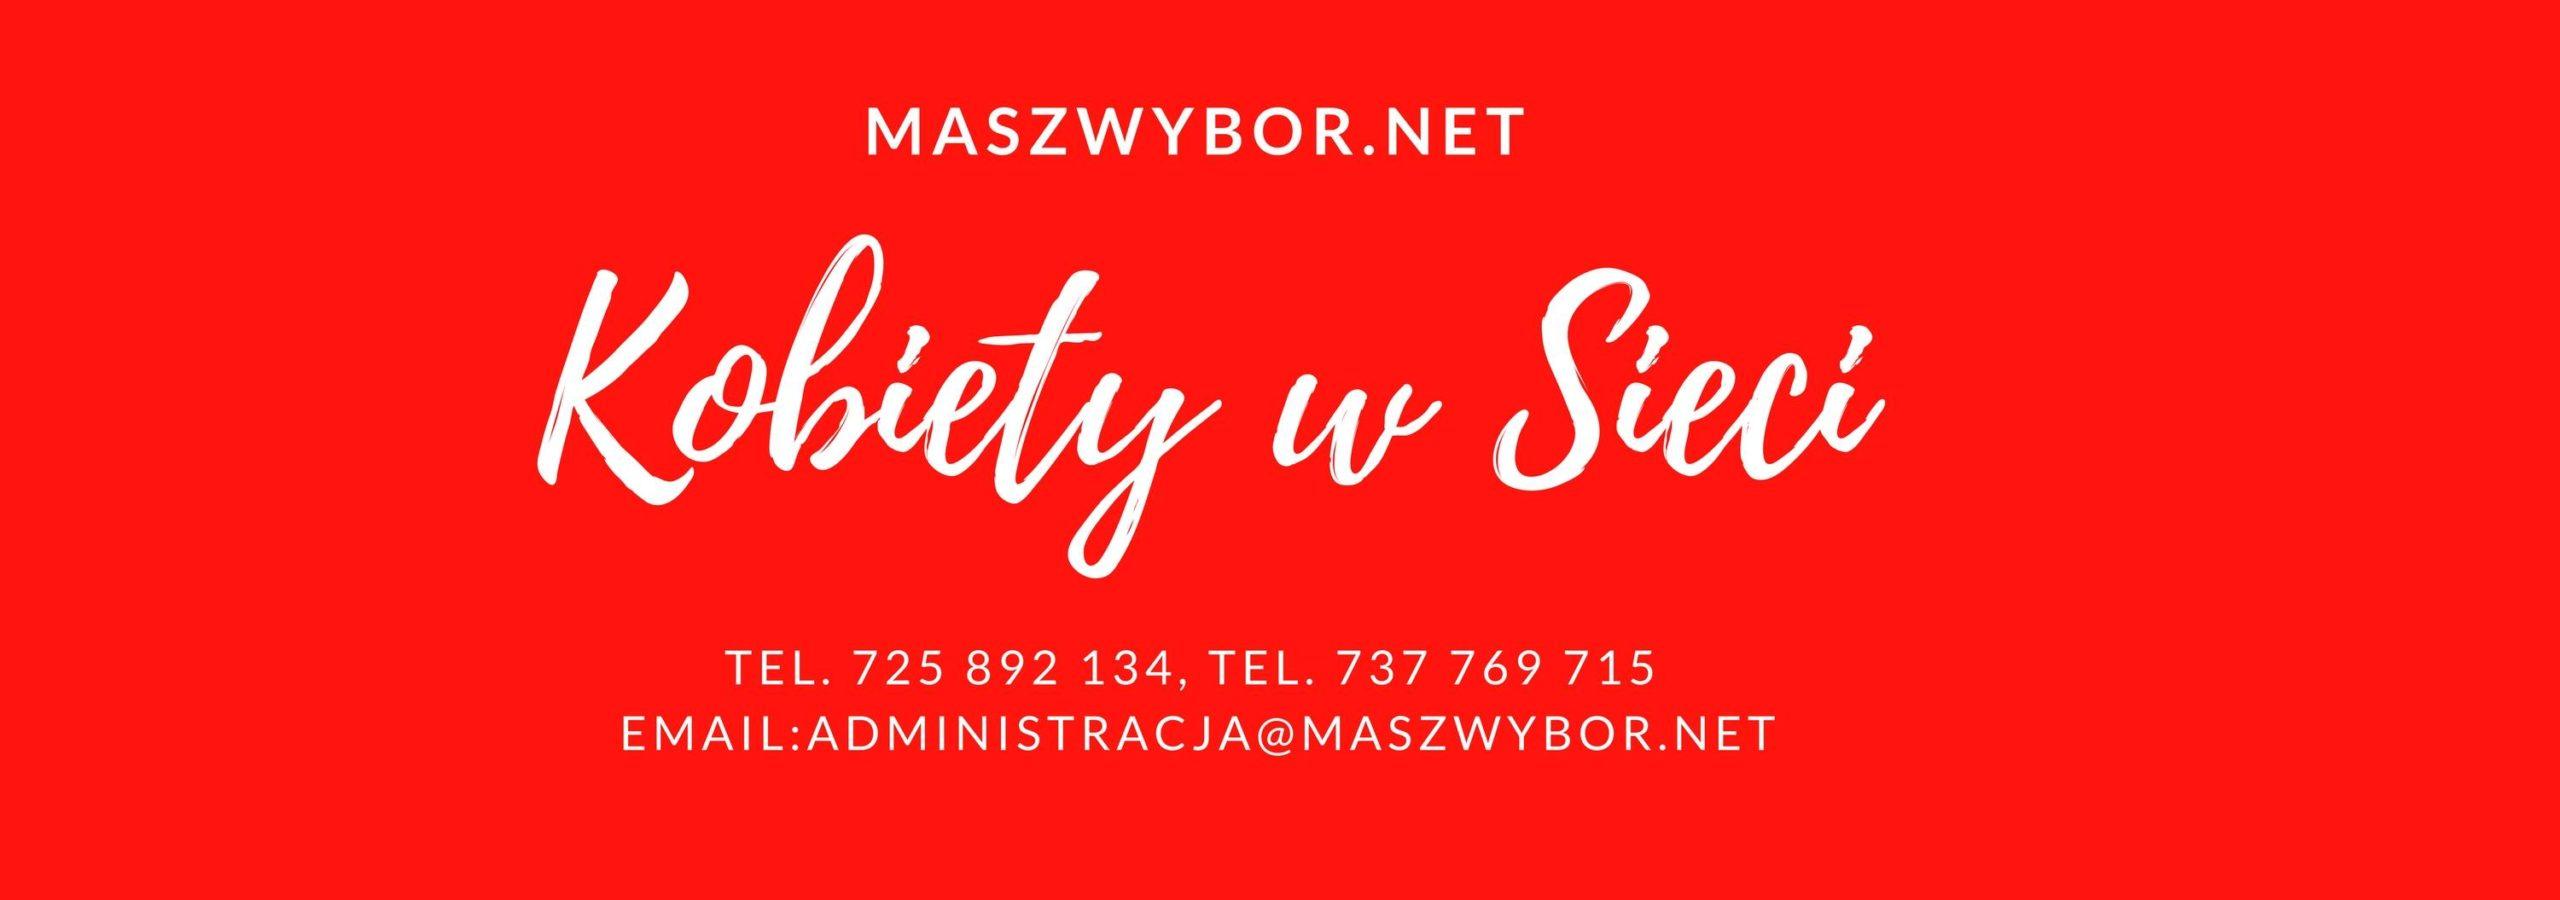 Women in Net (Poland) STATEMENT – Alert!